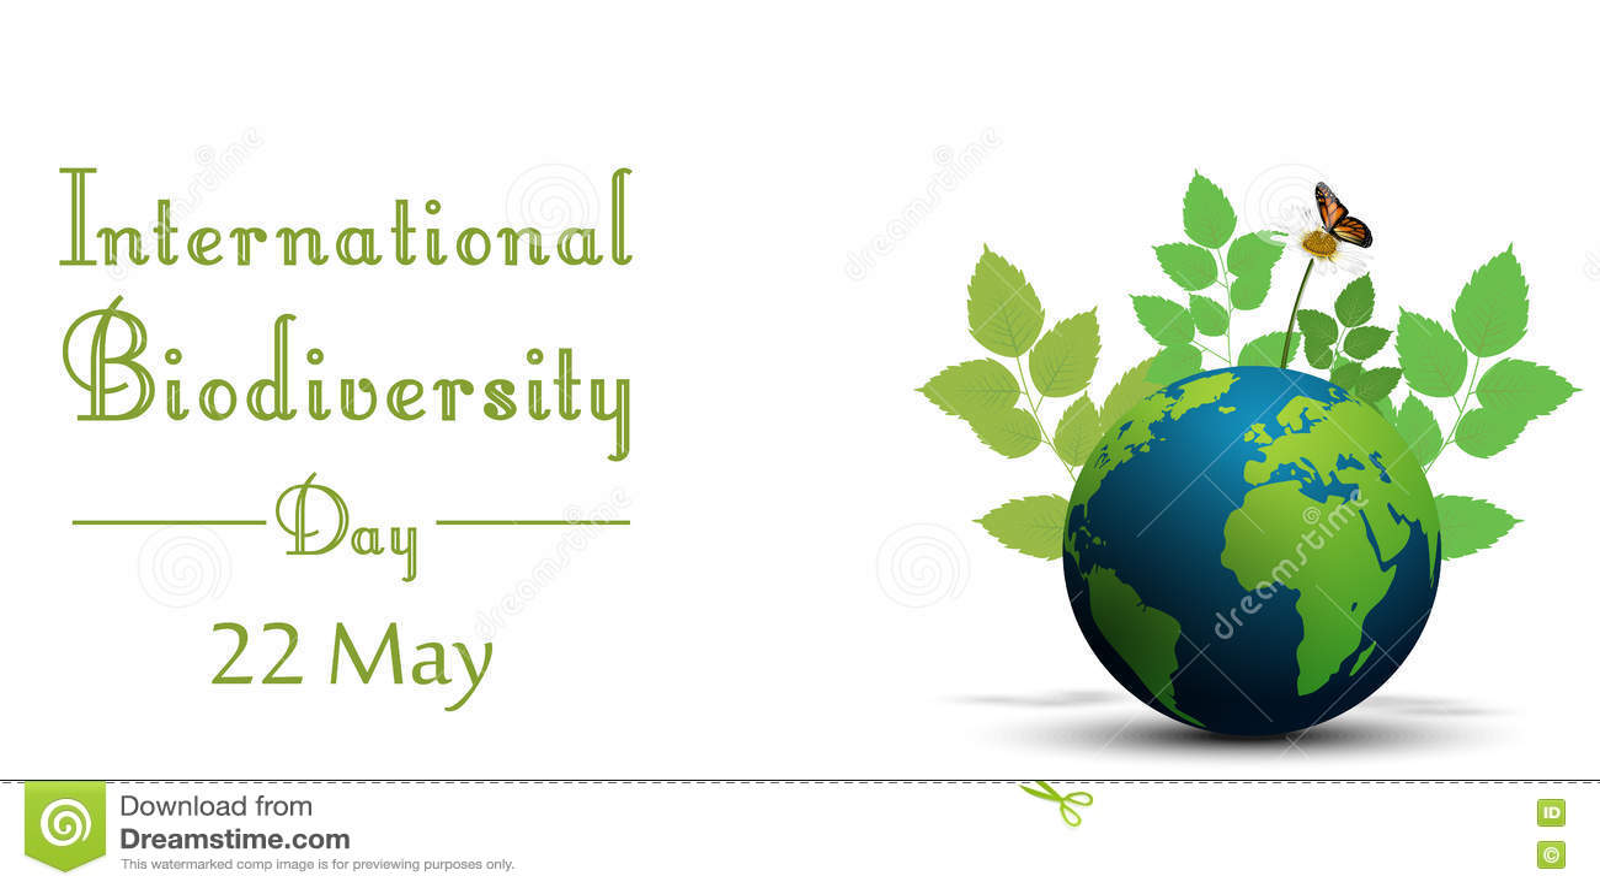 Tasiemkowy kształt z liśćmi i motylami na ziemi dla międzynarodowego różnorodność biologiczna dnia